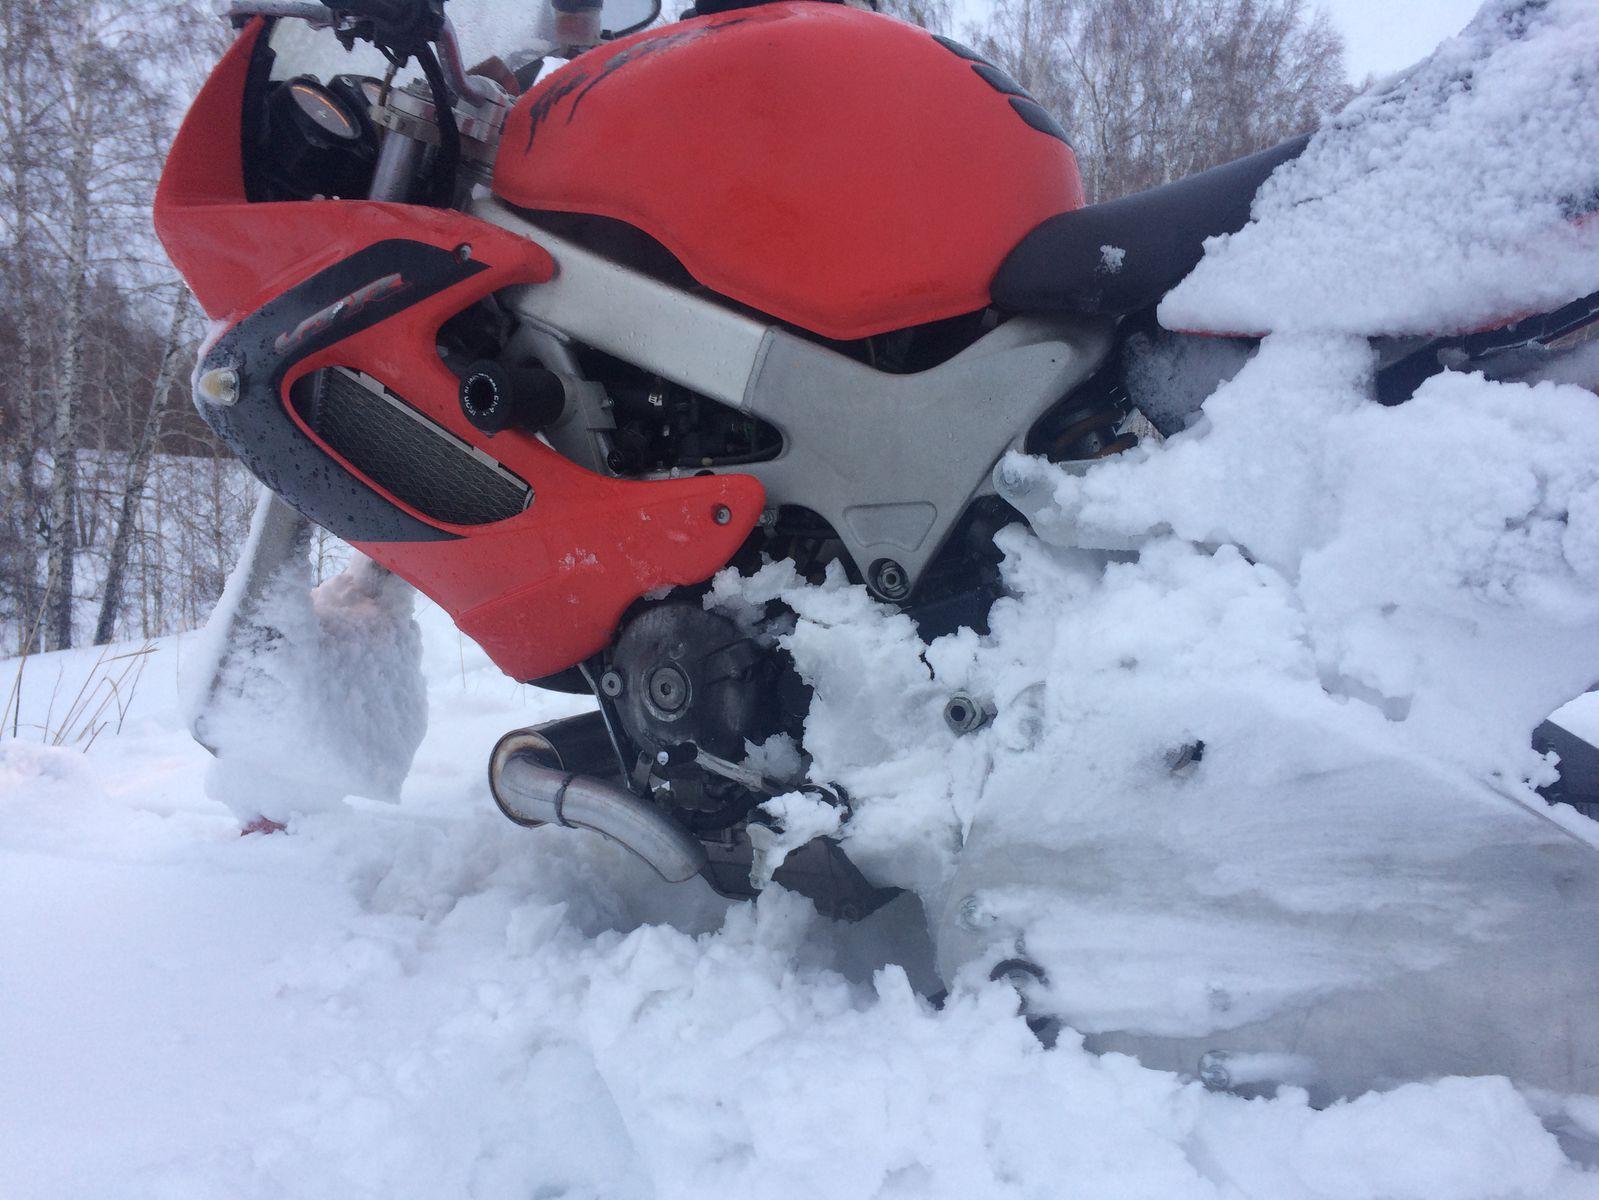 мокрый снег  делает  агрегат более аеродинамичным))))